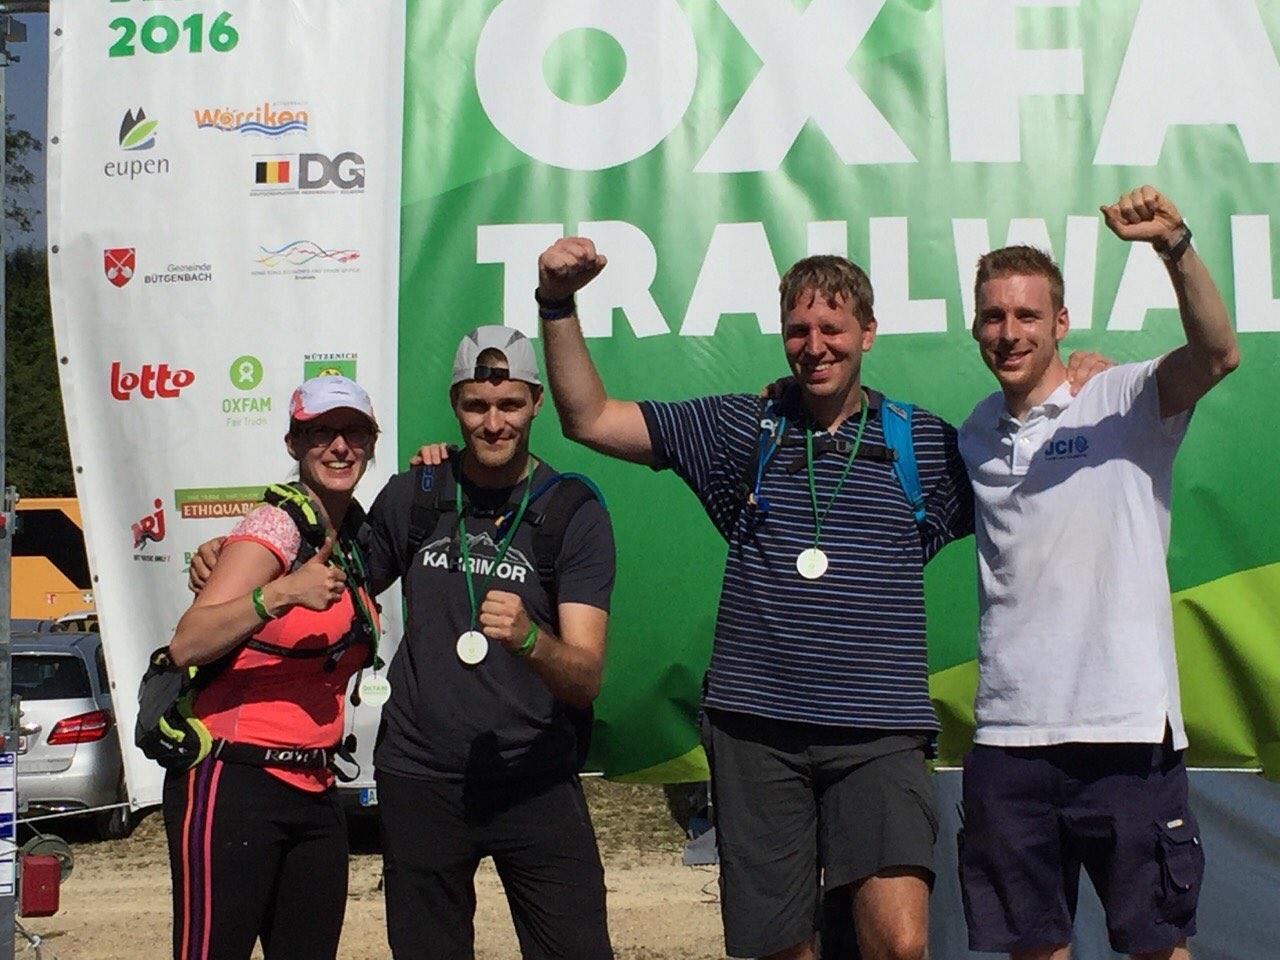 oxfam-trailwalker-5-arrivee